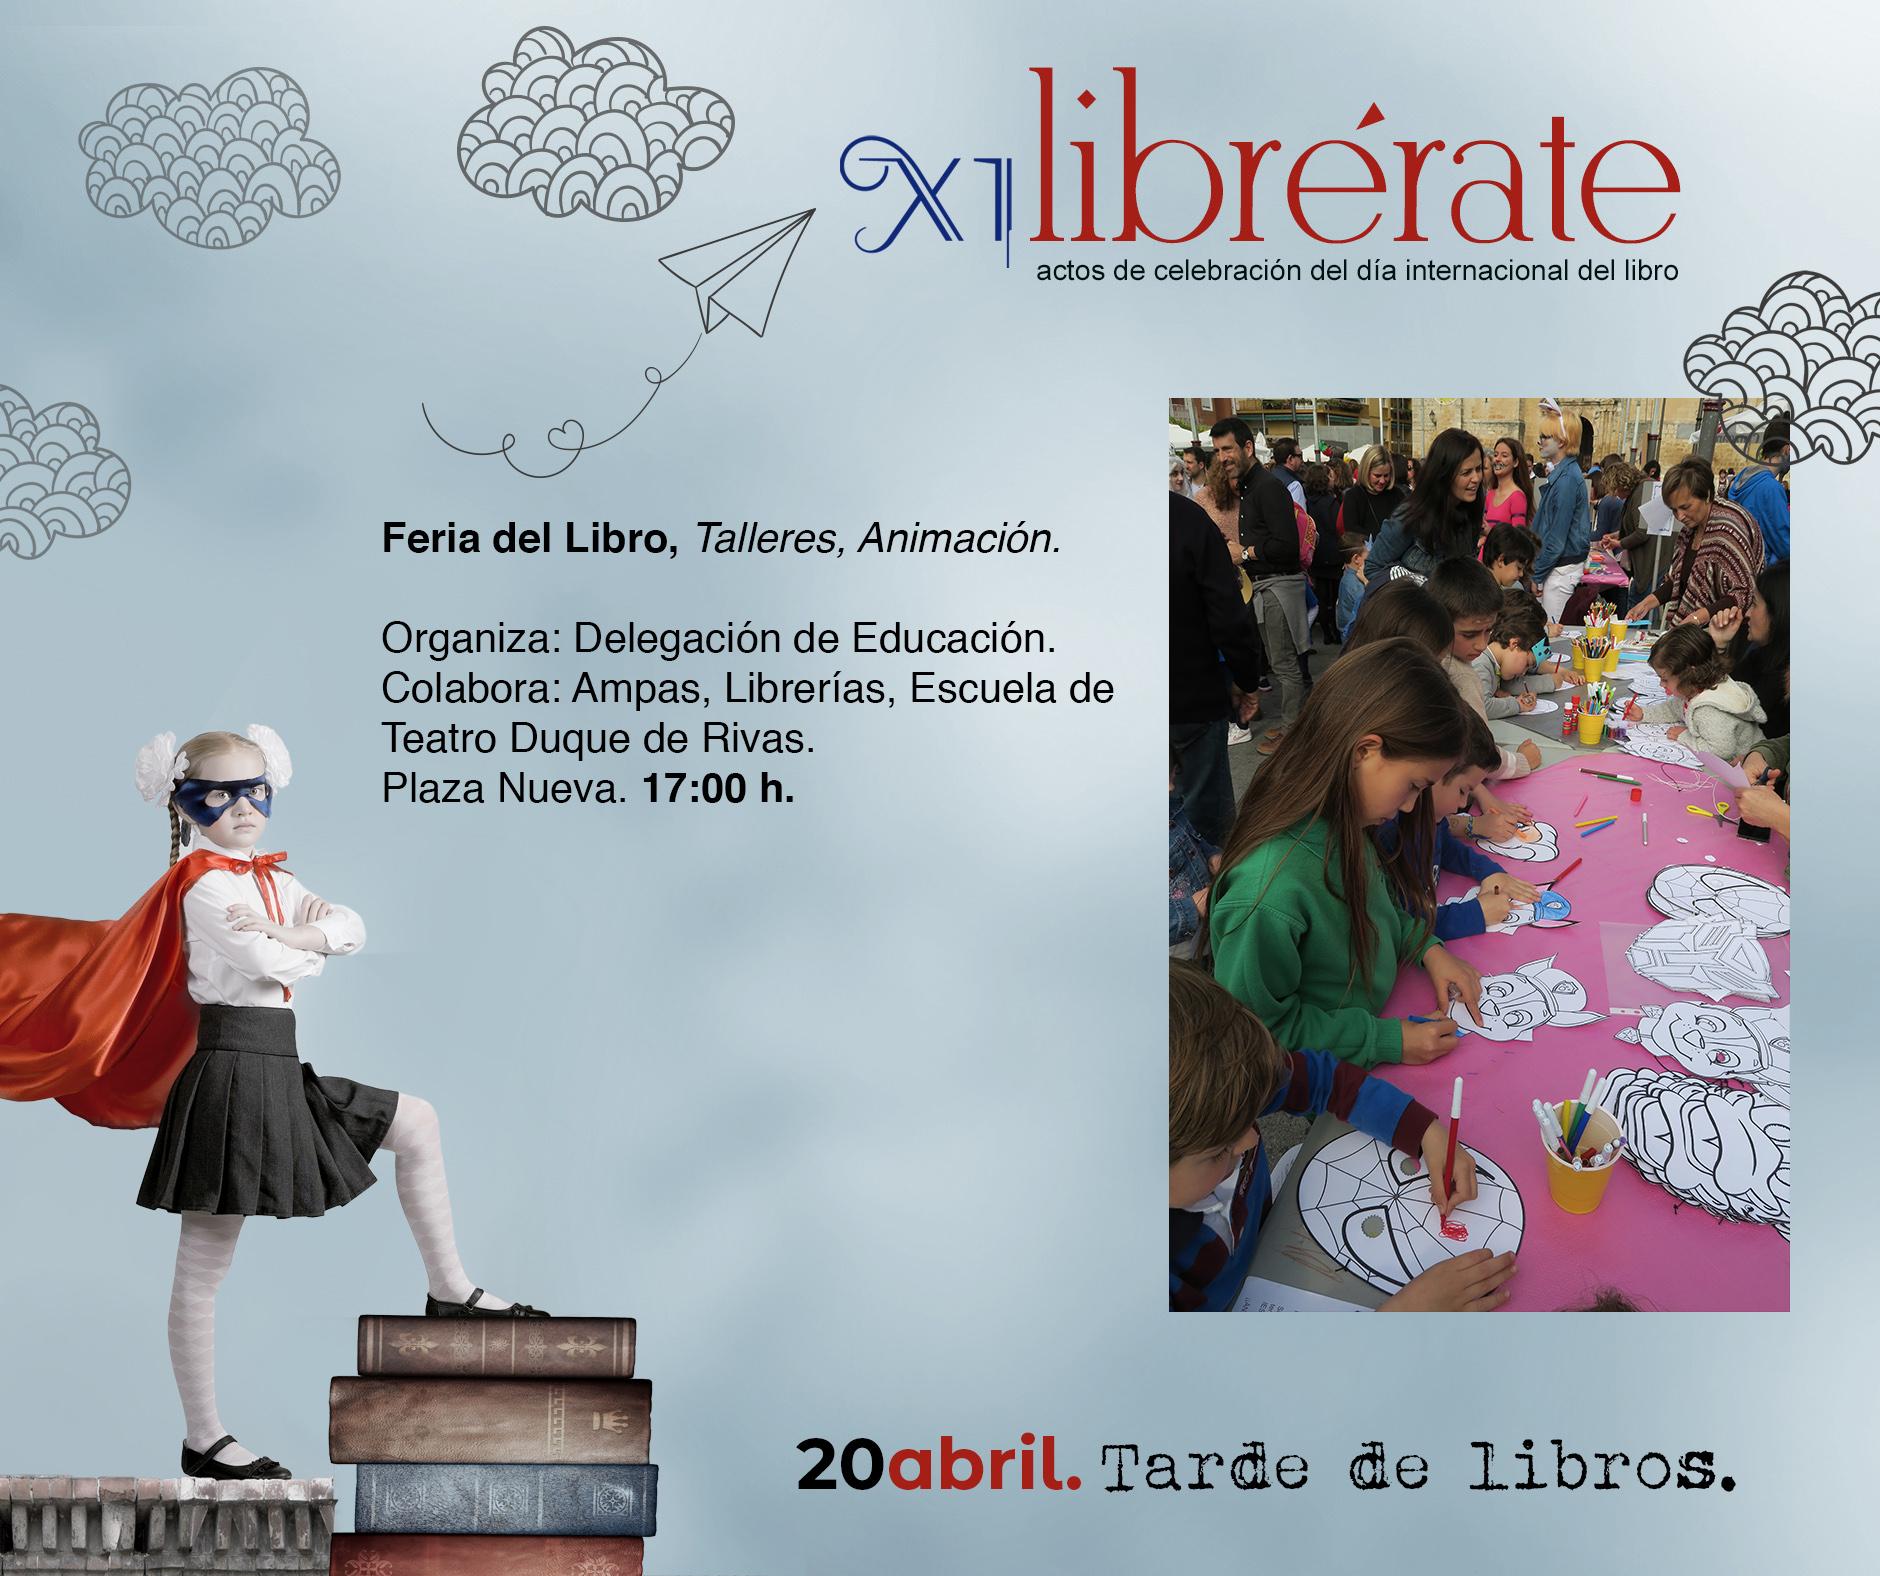 Feria del Libro, Talleres, Animación @ Plaza Nueva